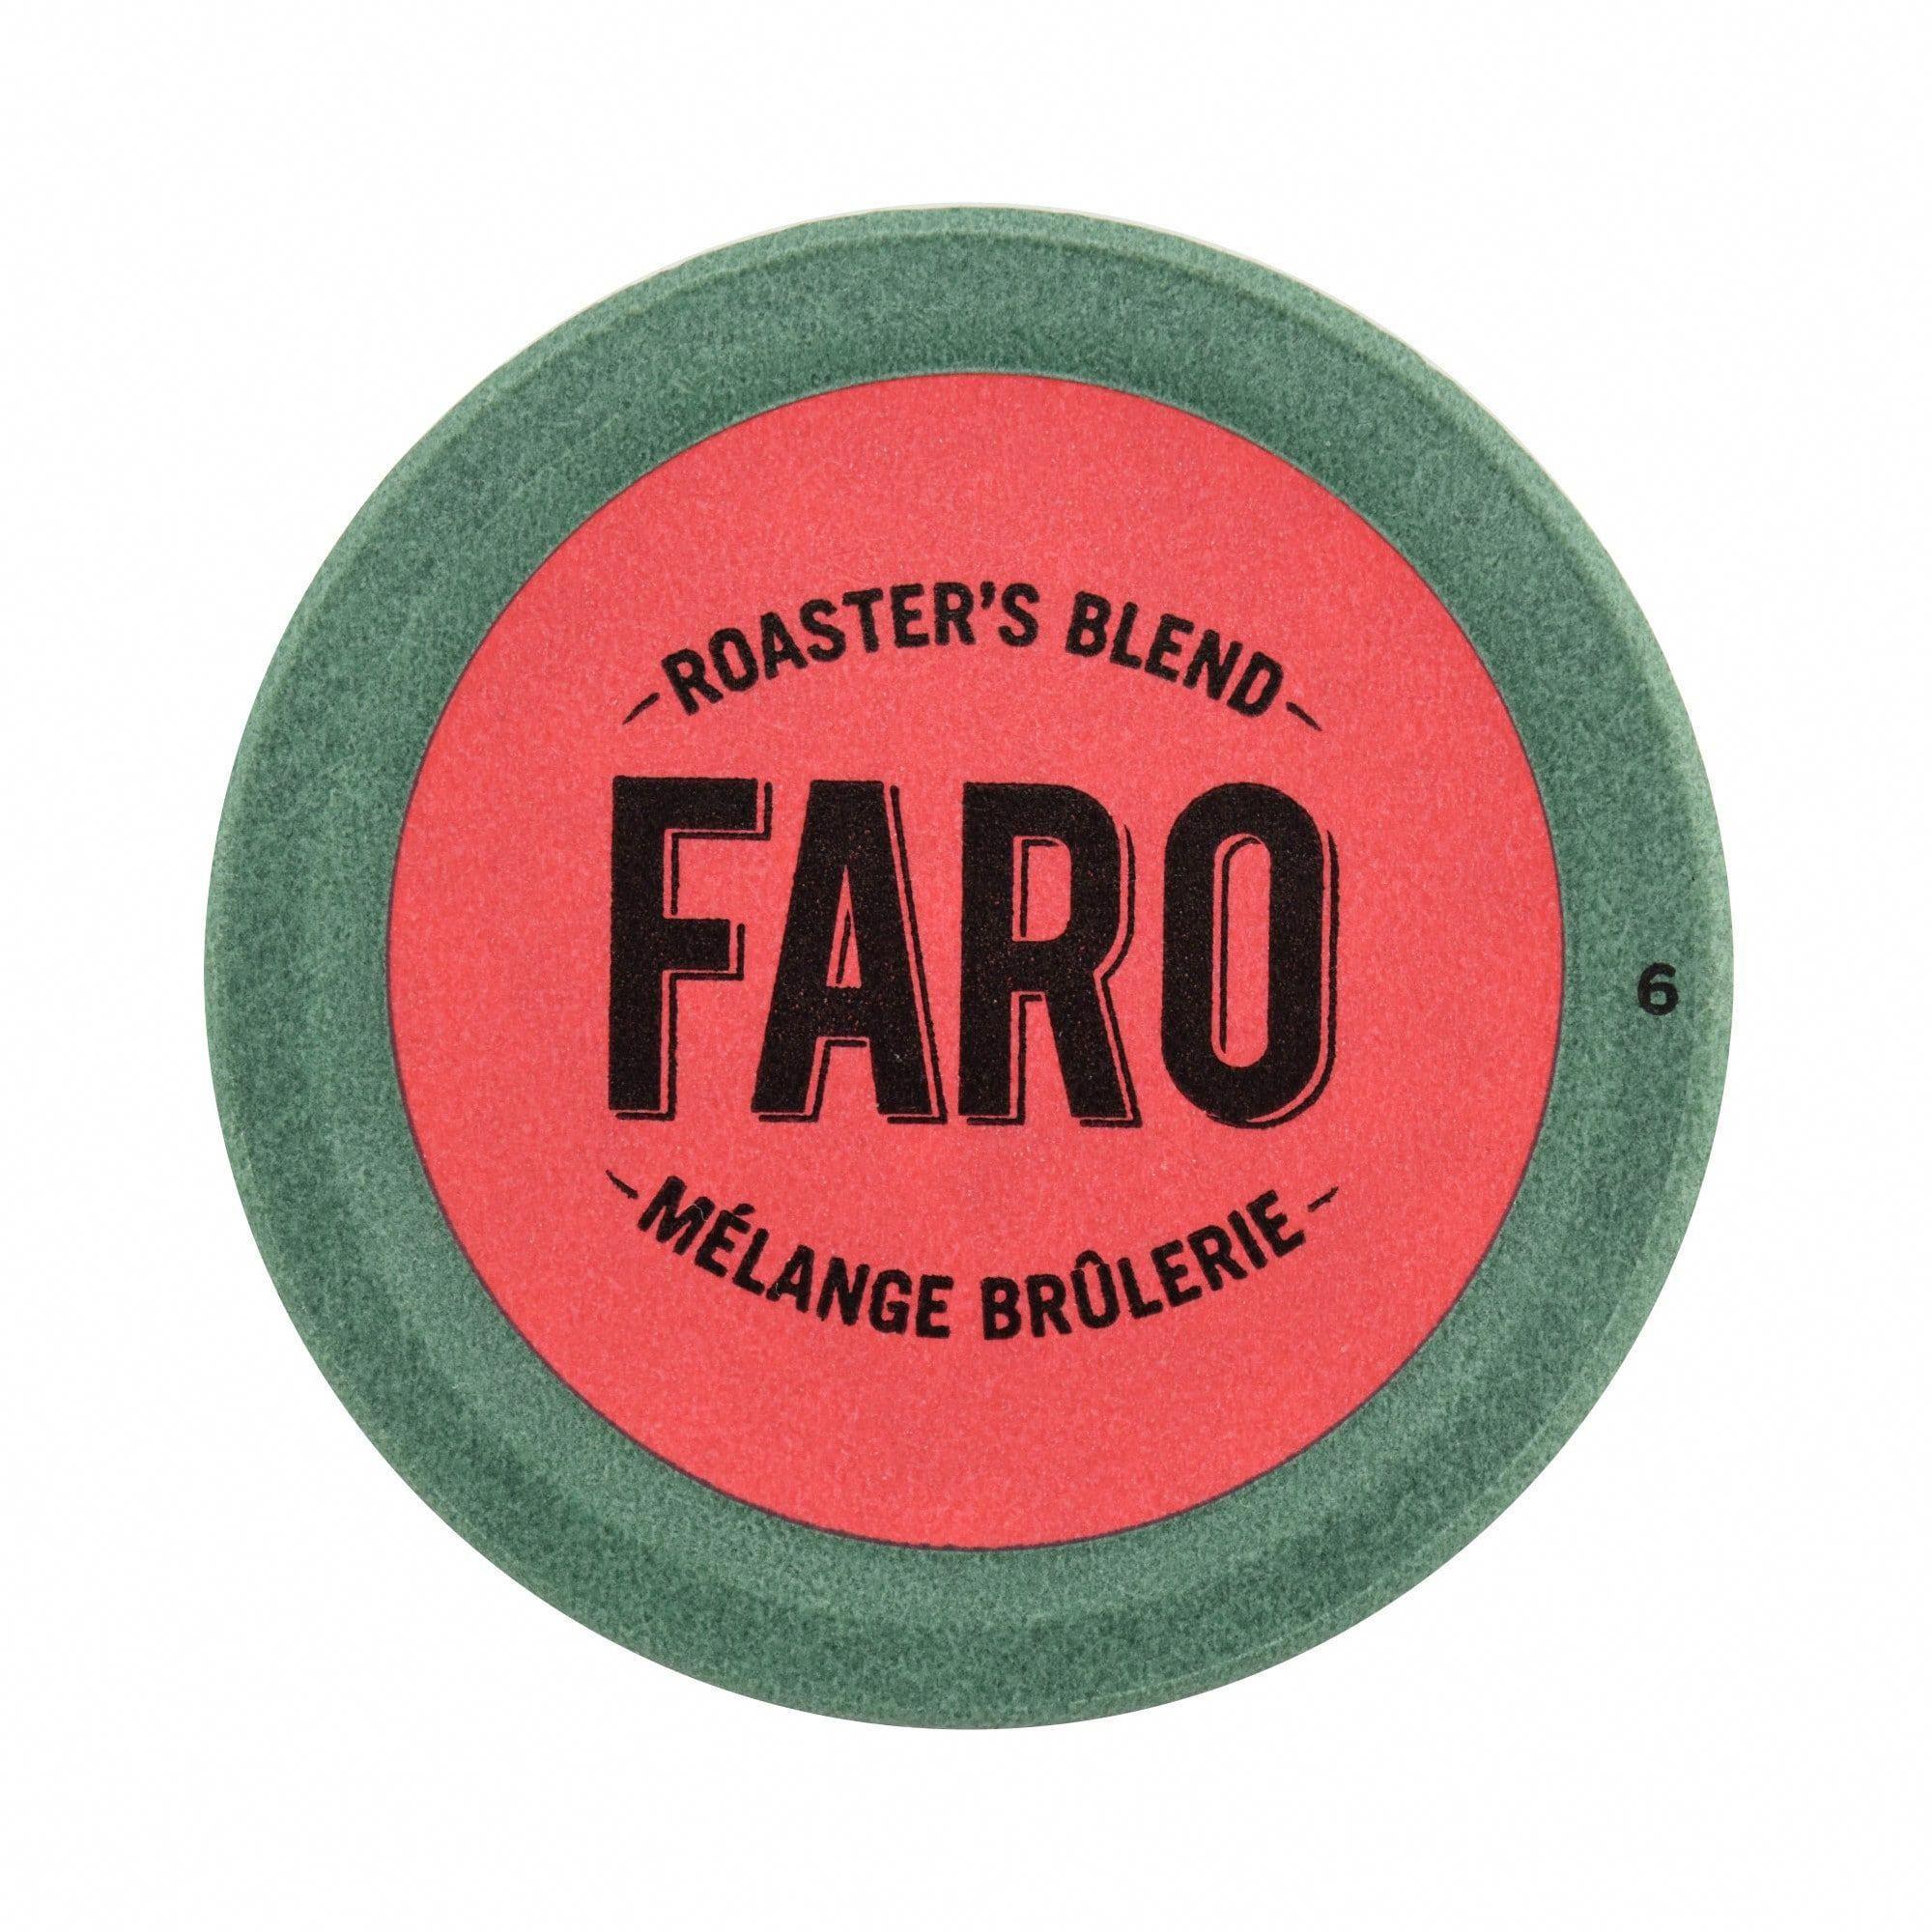 Faro Roaster's Blend, Medium Roast Coffee, 100